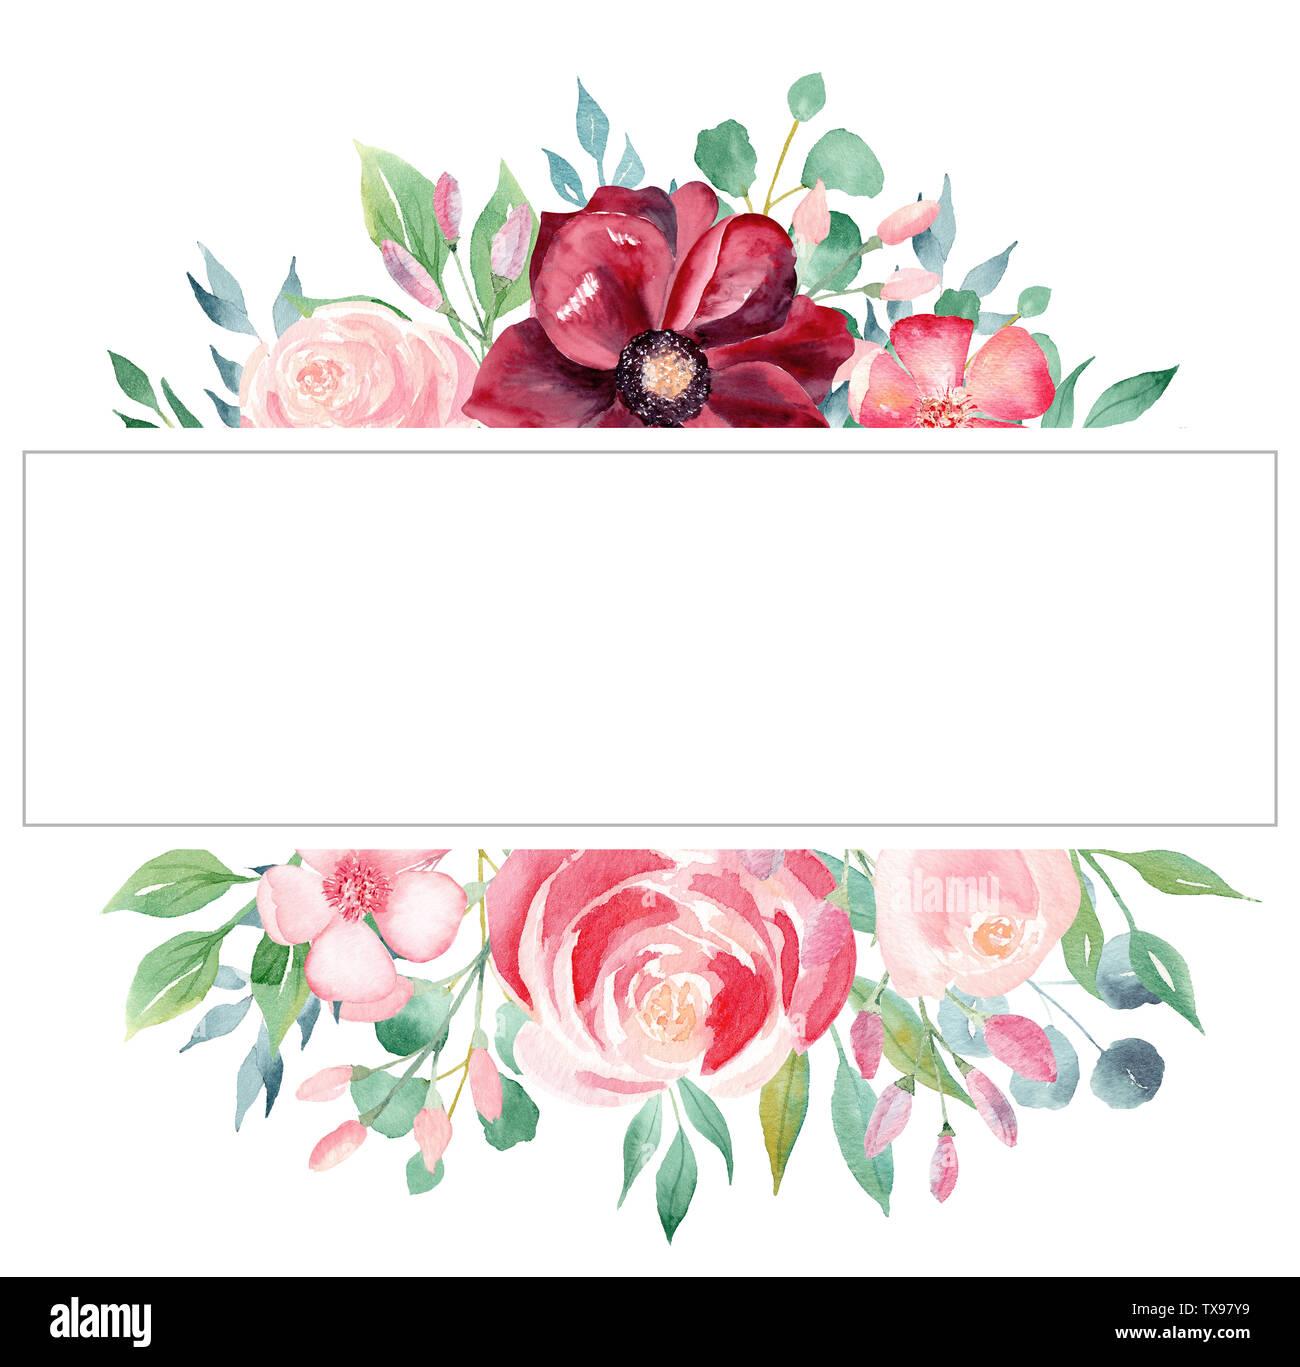 Blossom Acuarela Dibujada A Mano Fotograma Ráster Plantilla